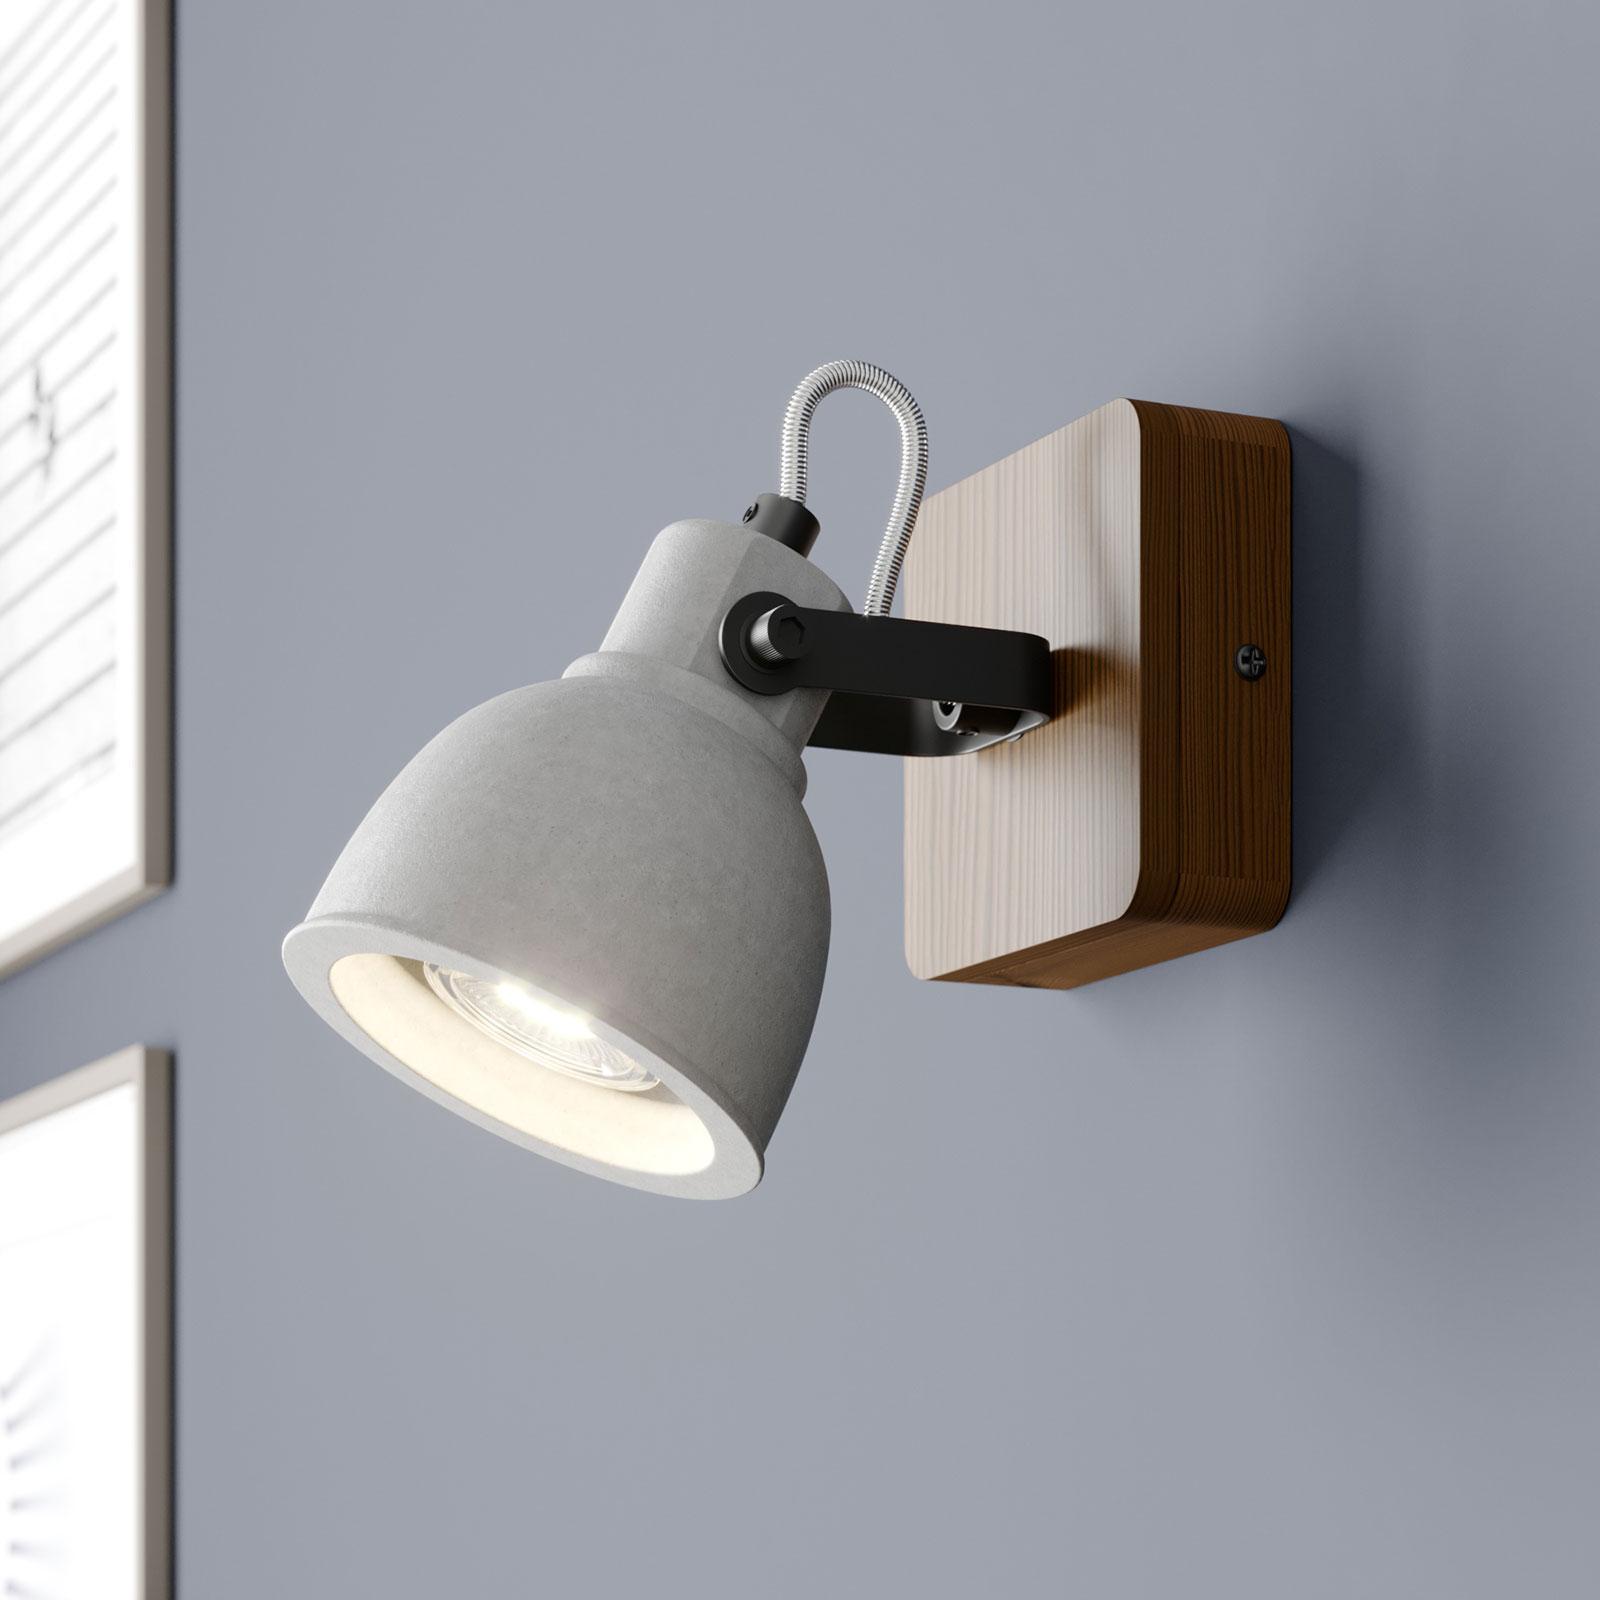 Lindby Mirka LED strop. bod. světlo, dřevo a beton